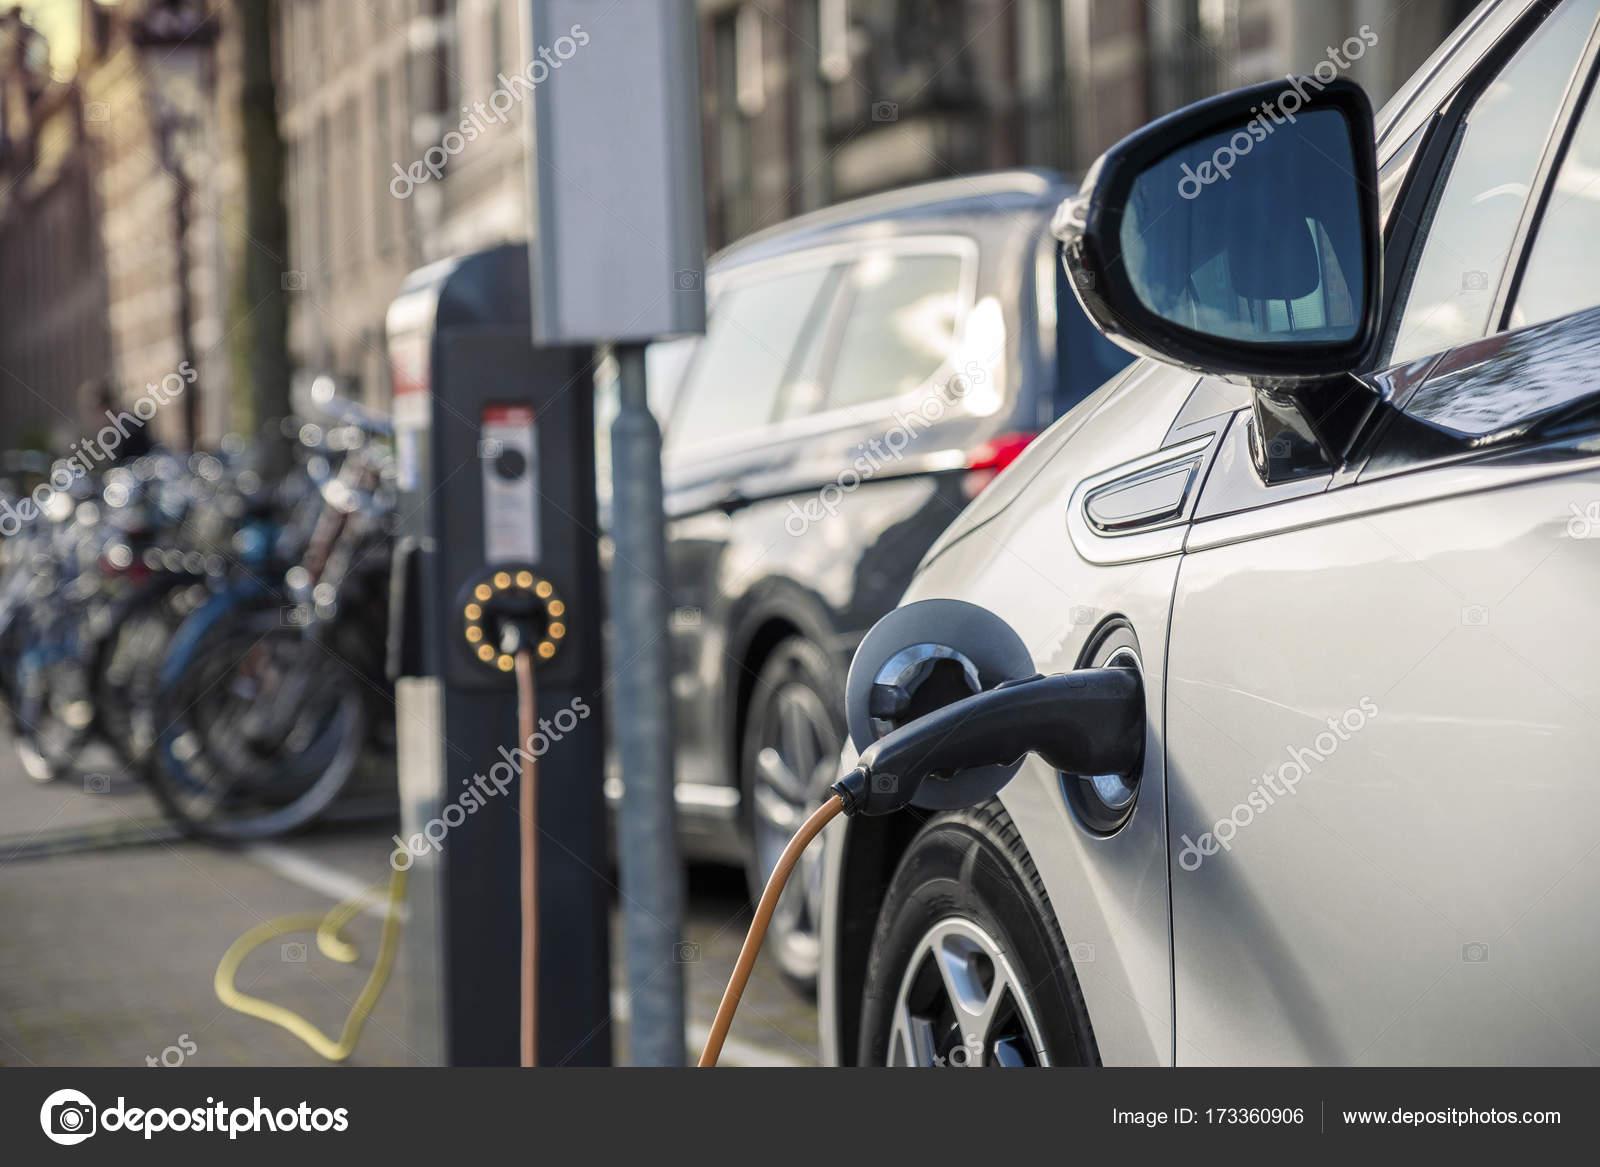 Opladen Van Een Elektrische Auto In Publieke Zender Stockfoto